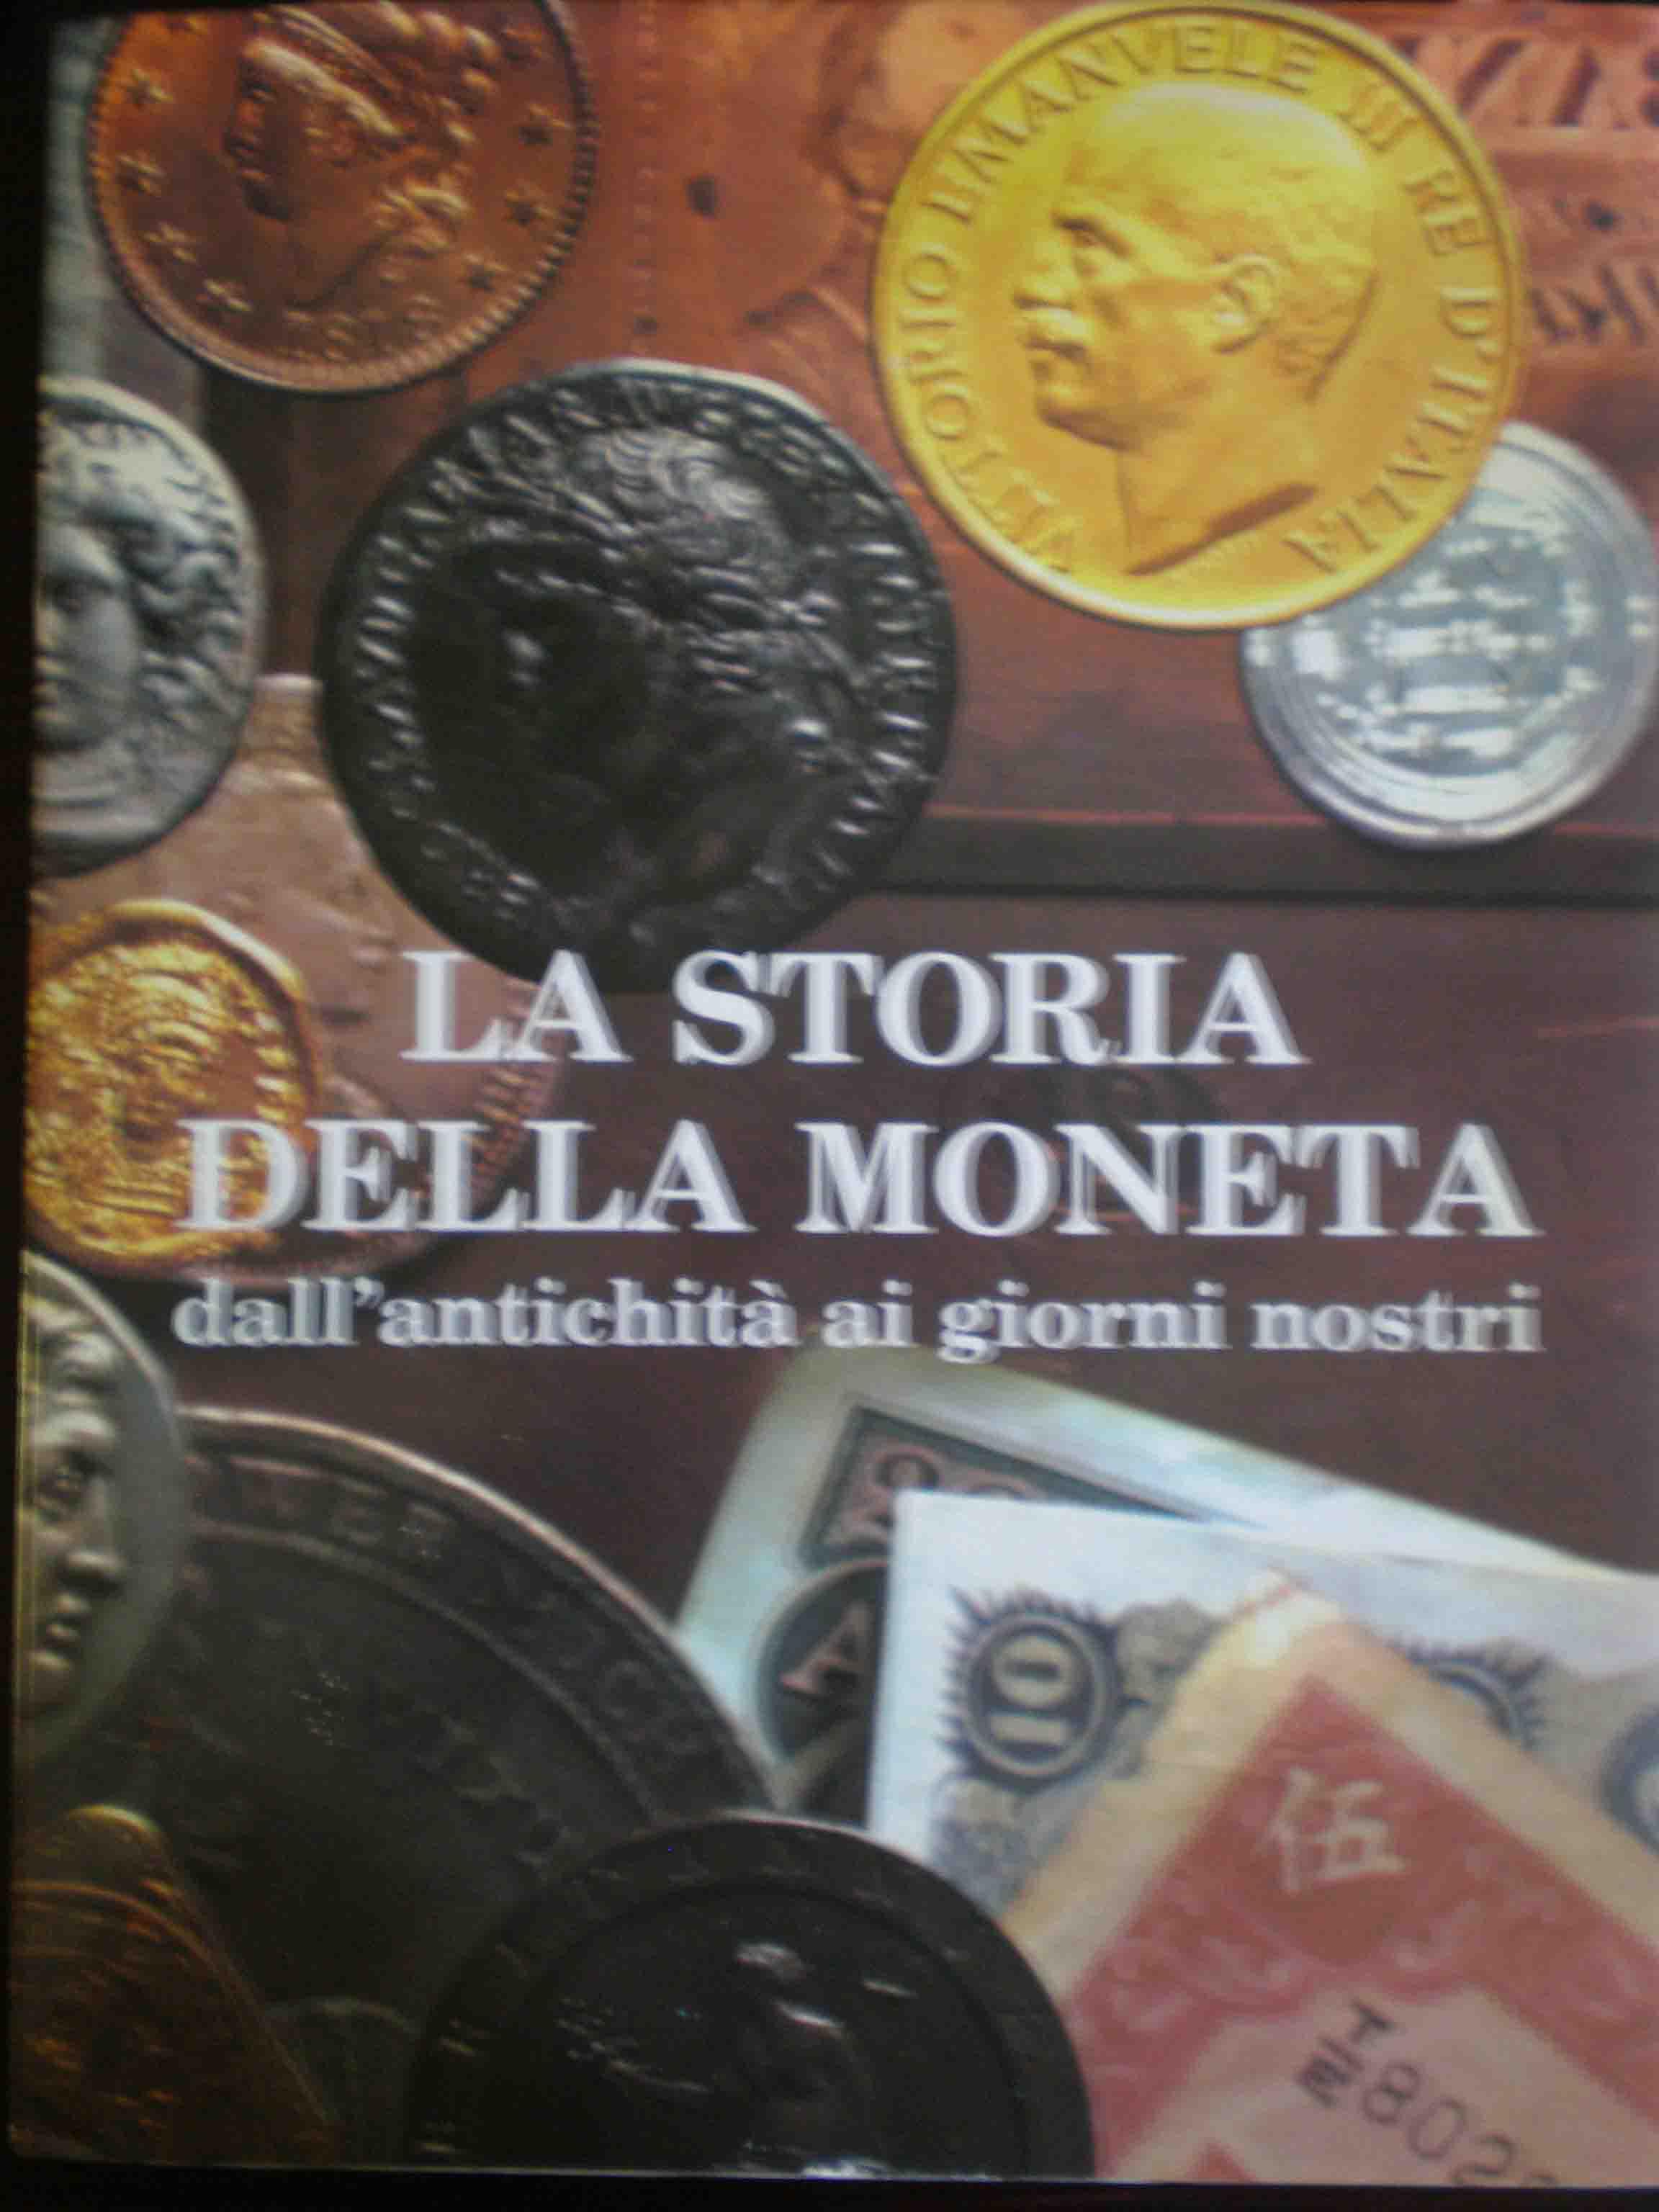 La storia della moneta dall'antichità ai giorni nostri